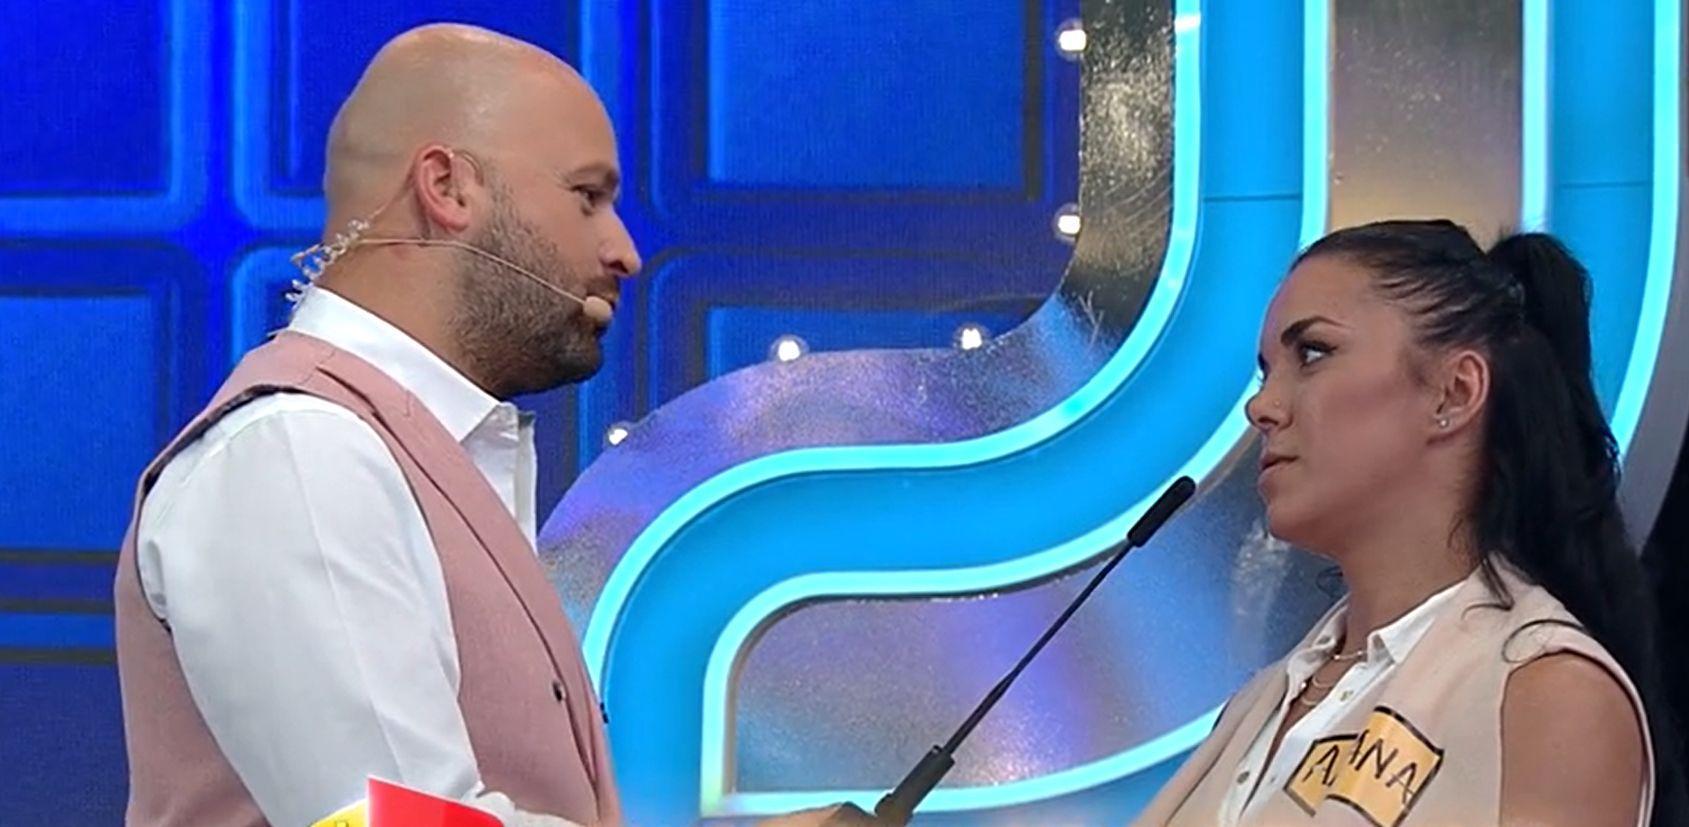 Prețul cel bun, 14 octombrie. Andrei Ștefănescu, surprins de concurenta care face performanță la rugby